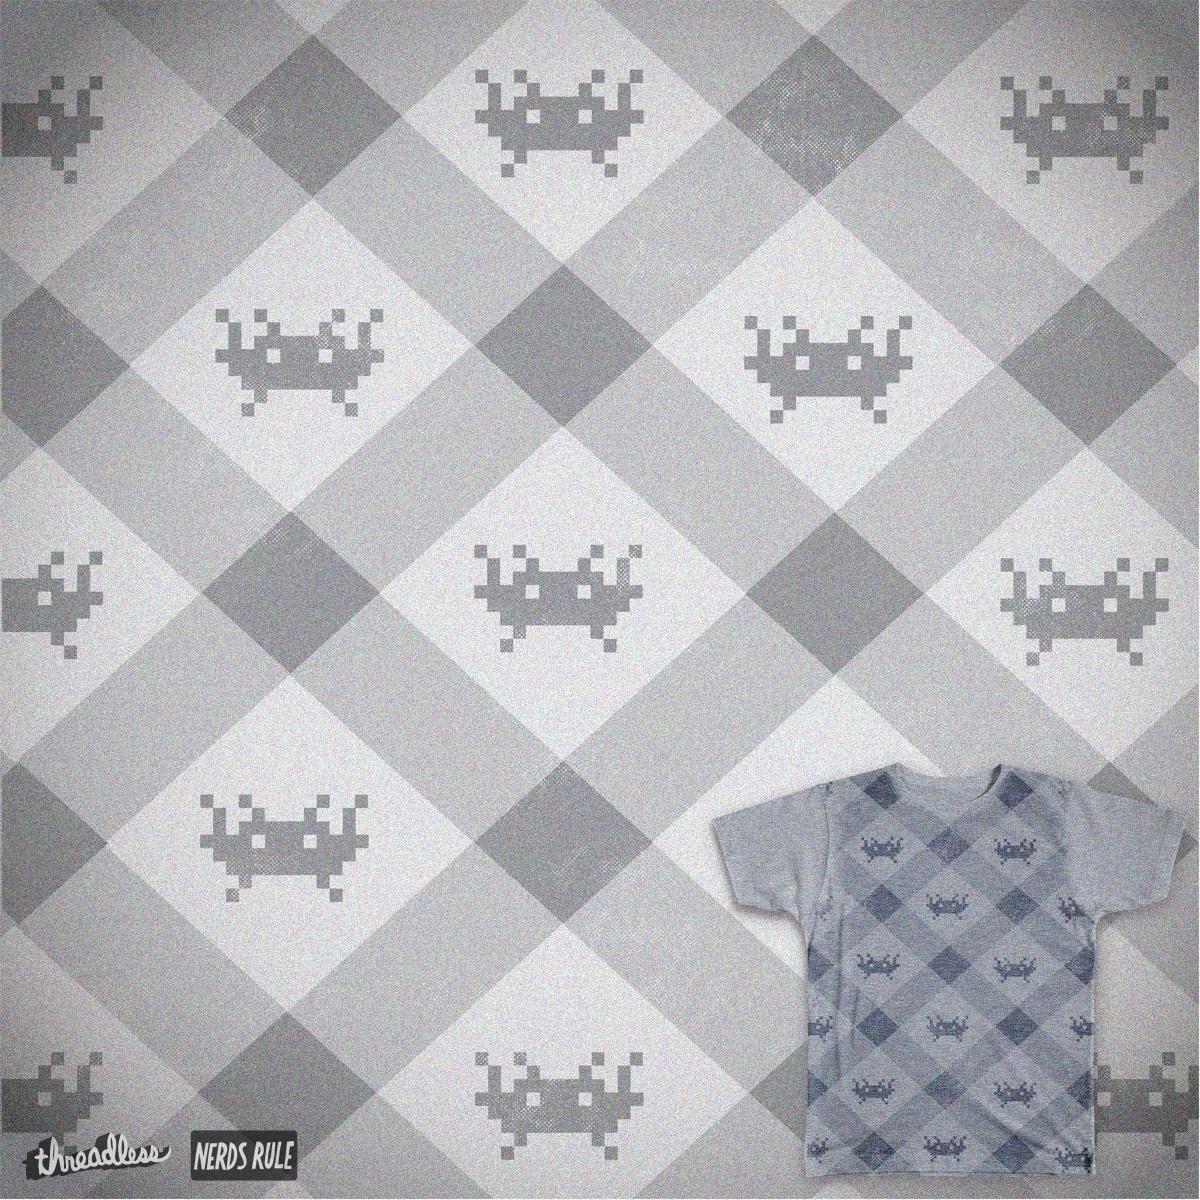 Gamer Style by Skate_e1 on Threadless